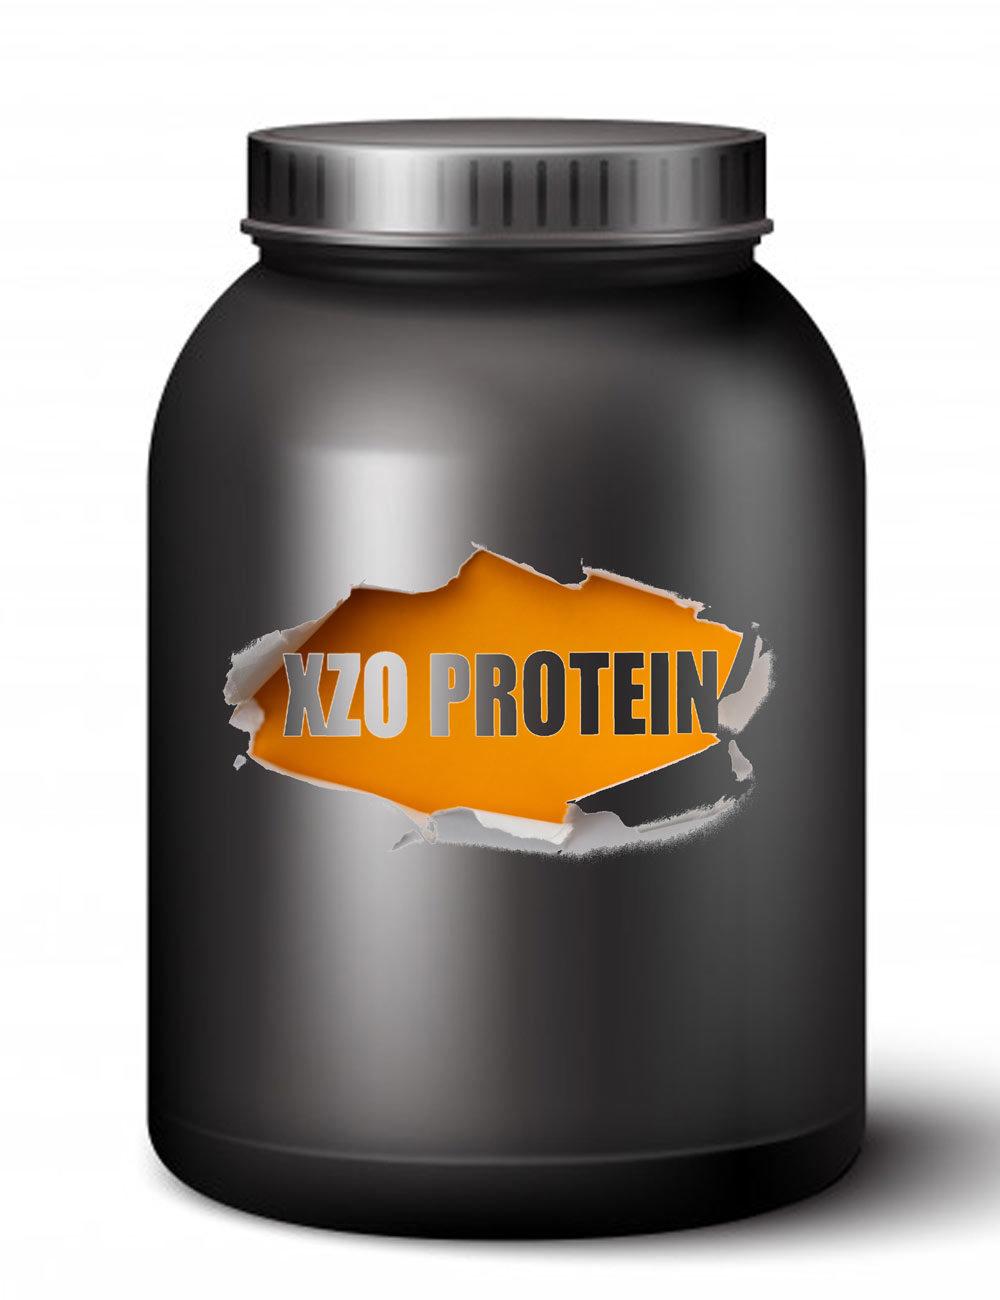 Купить протеин оптом комплексный протеин XZO Nutrition 10 кг.- отзывы, цена, состав - спортивное питание оптом в Украине tvoy-prot.com.ua